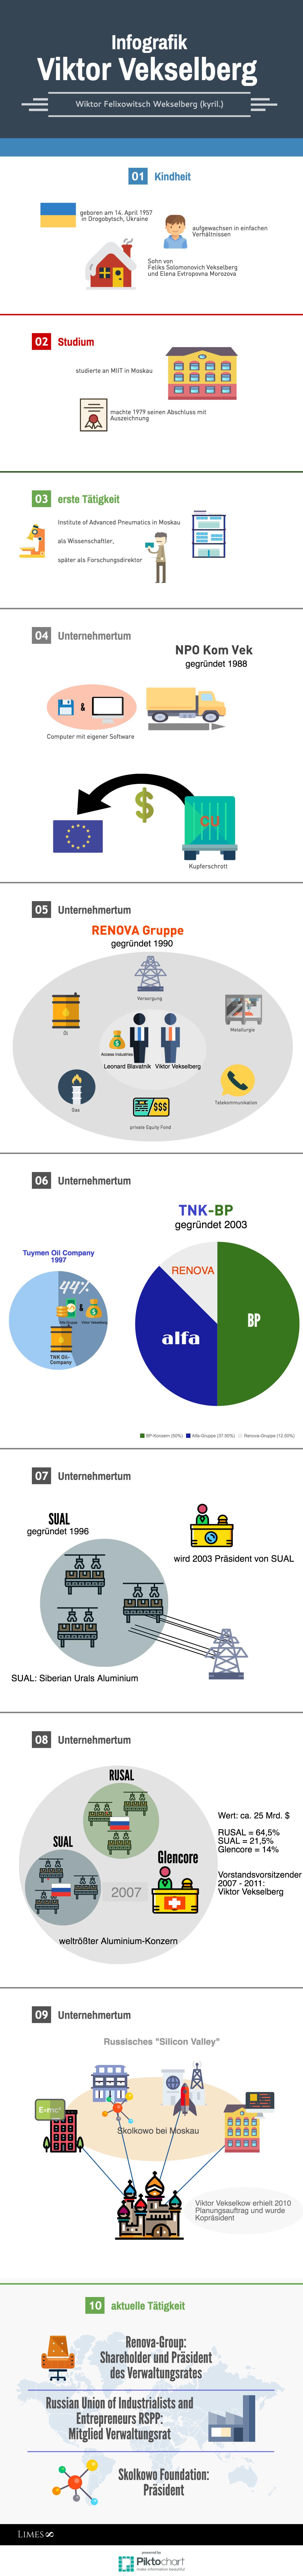 Informationsgrafik über den Milliardär Viktor Vekselberg